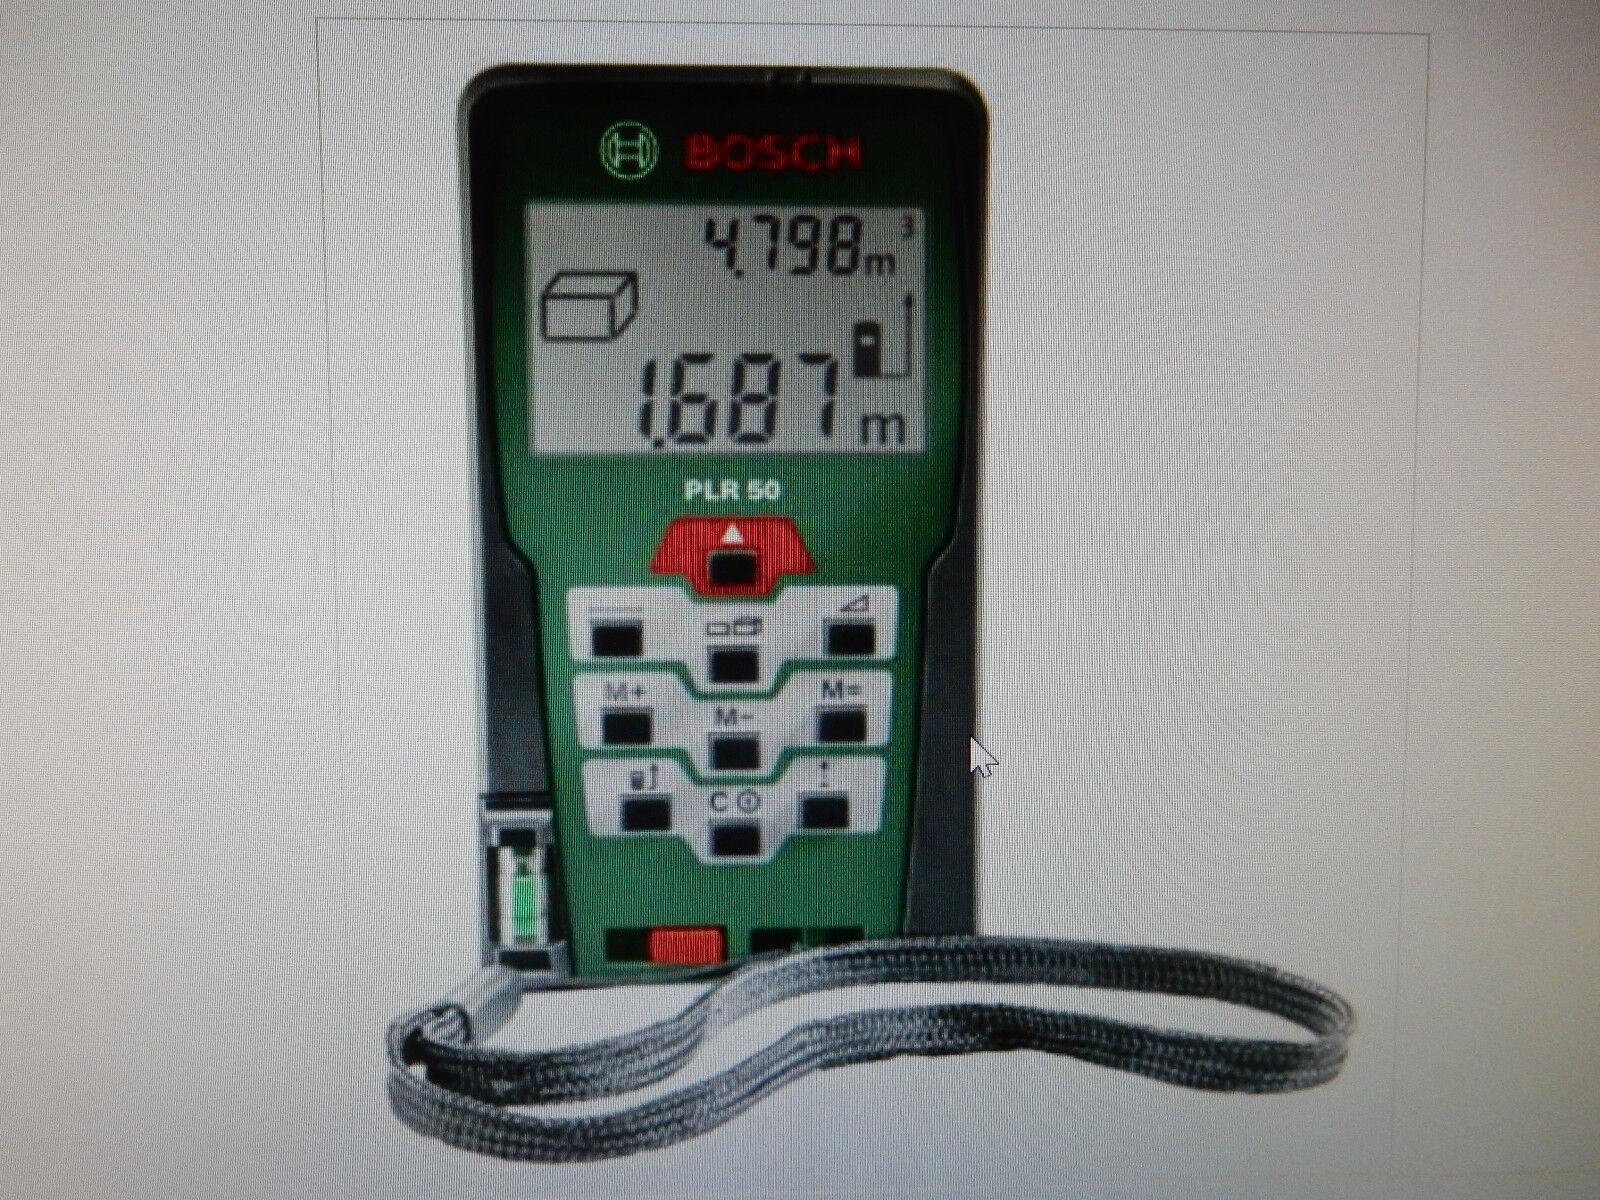 Bosch laser entfernungsmesser mit kamera glm c